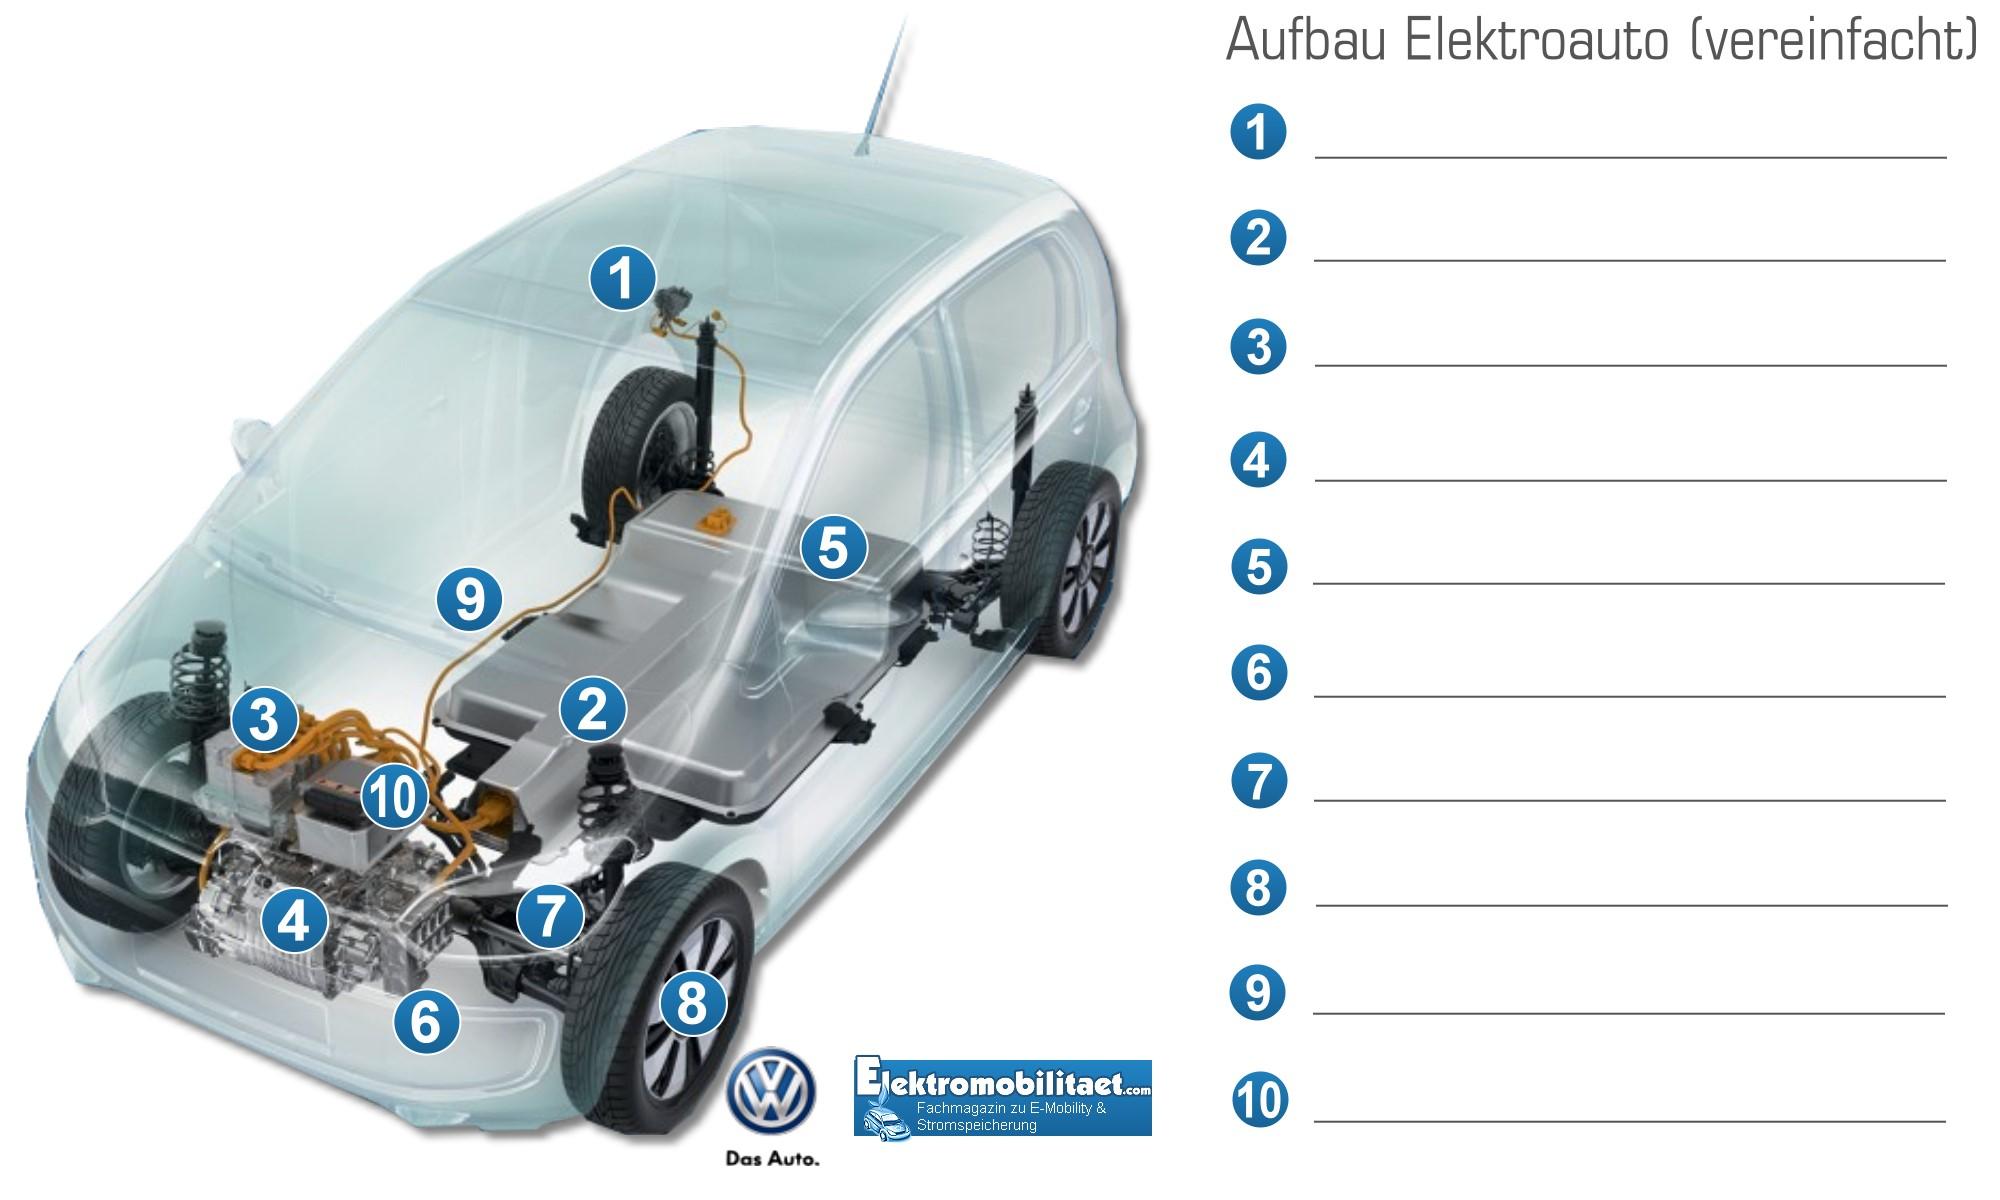 Vereinfachter Aufbau Elektroauto als Vorlage für Schulen